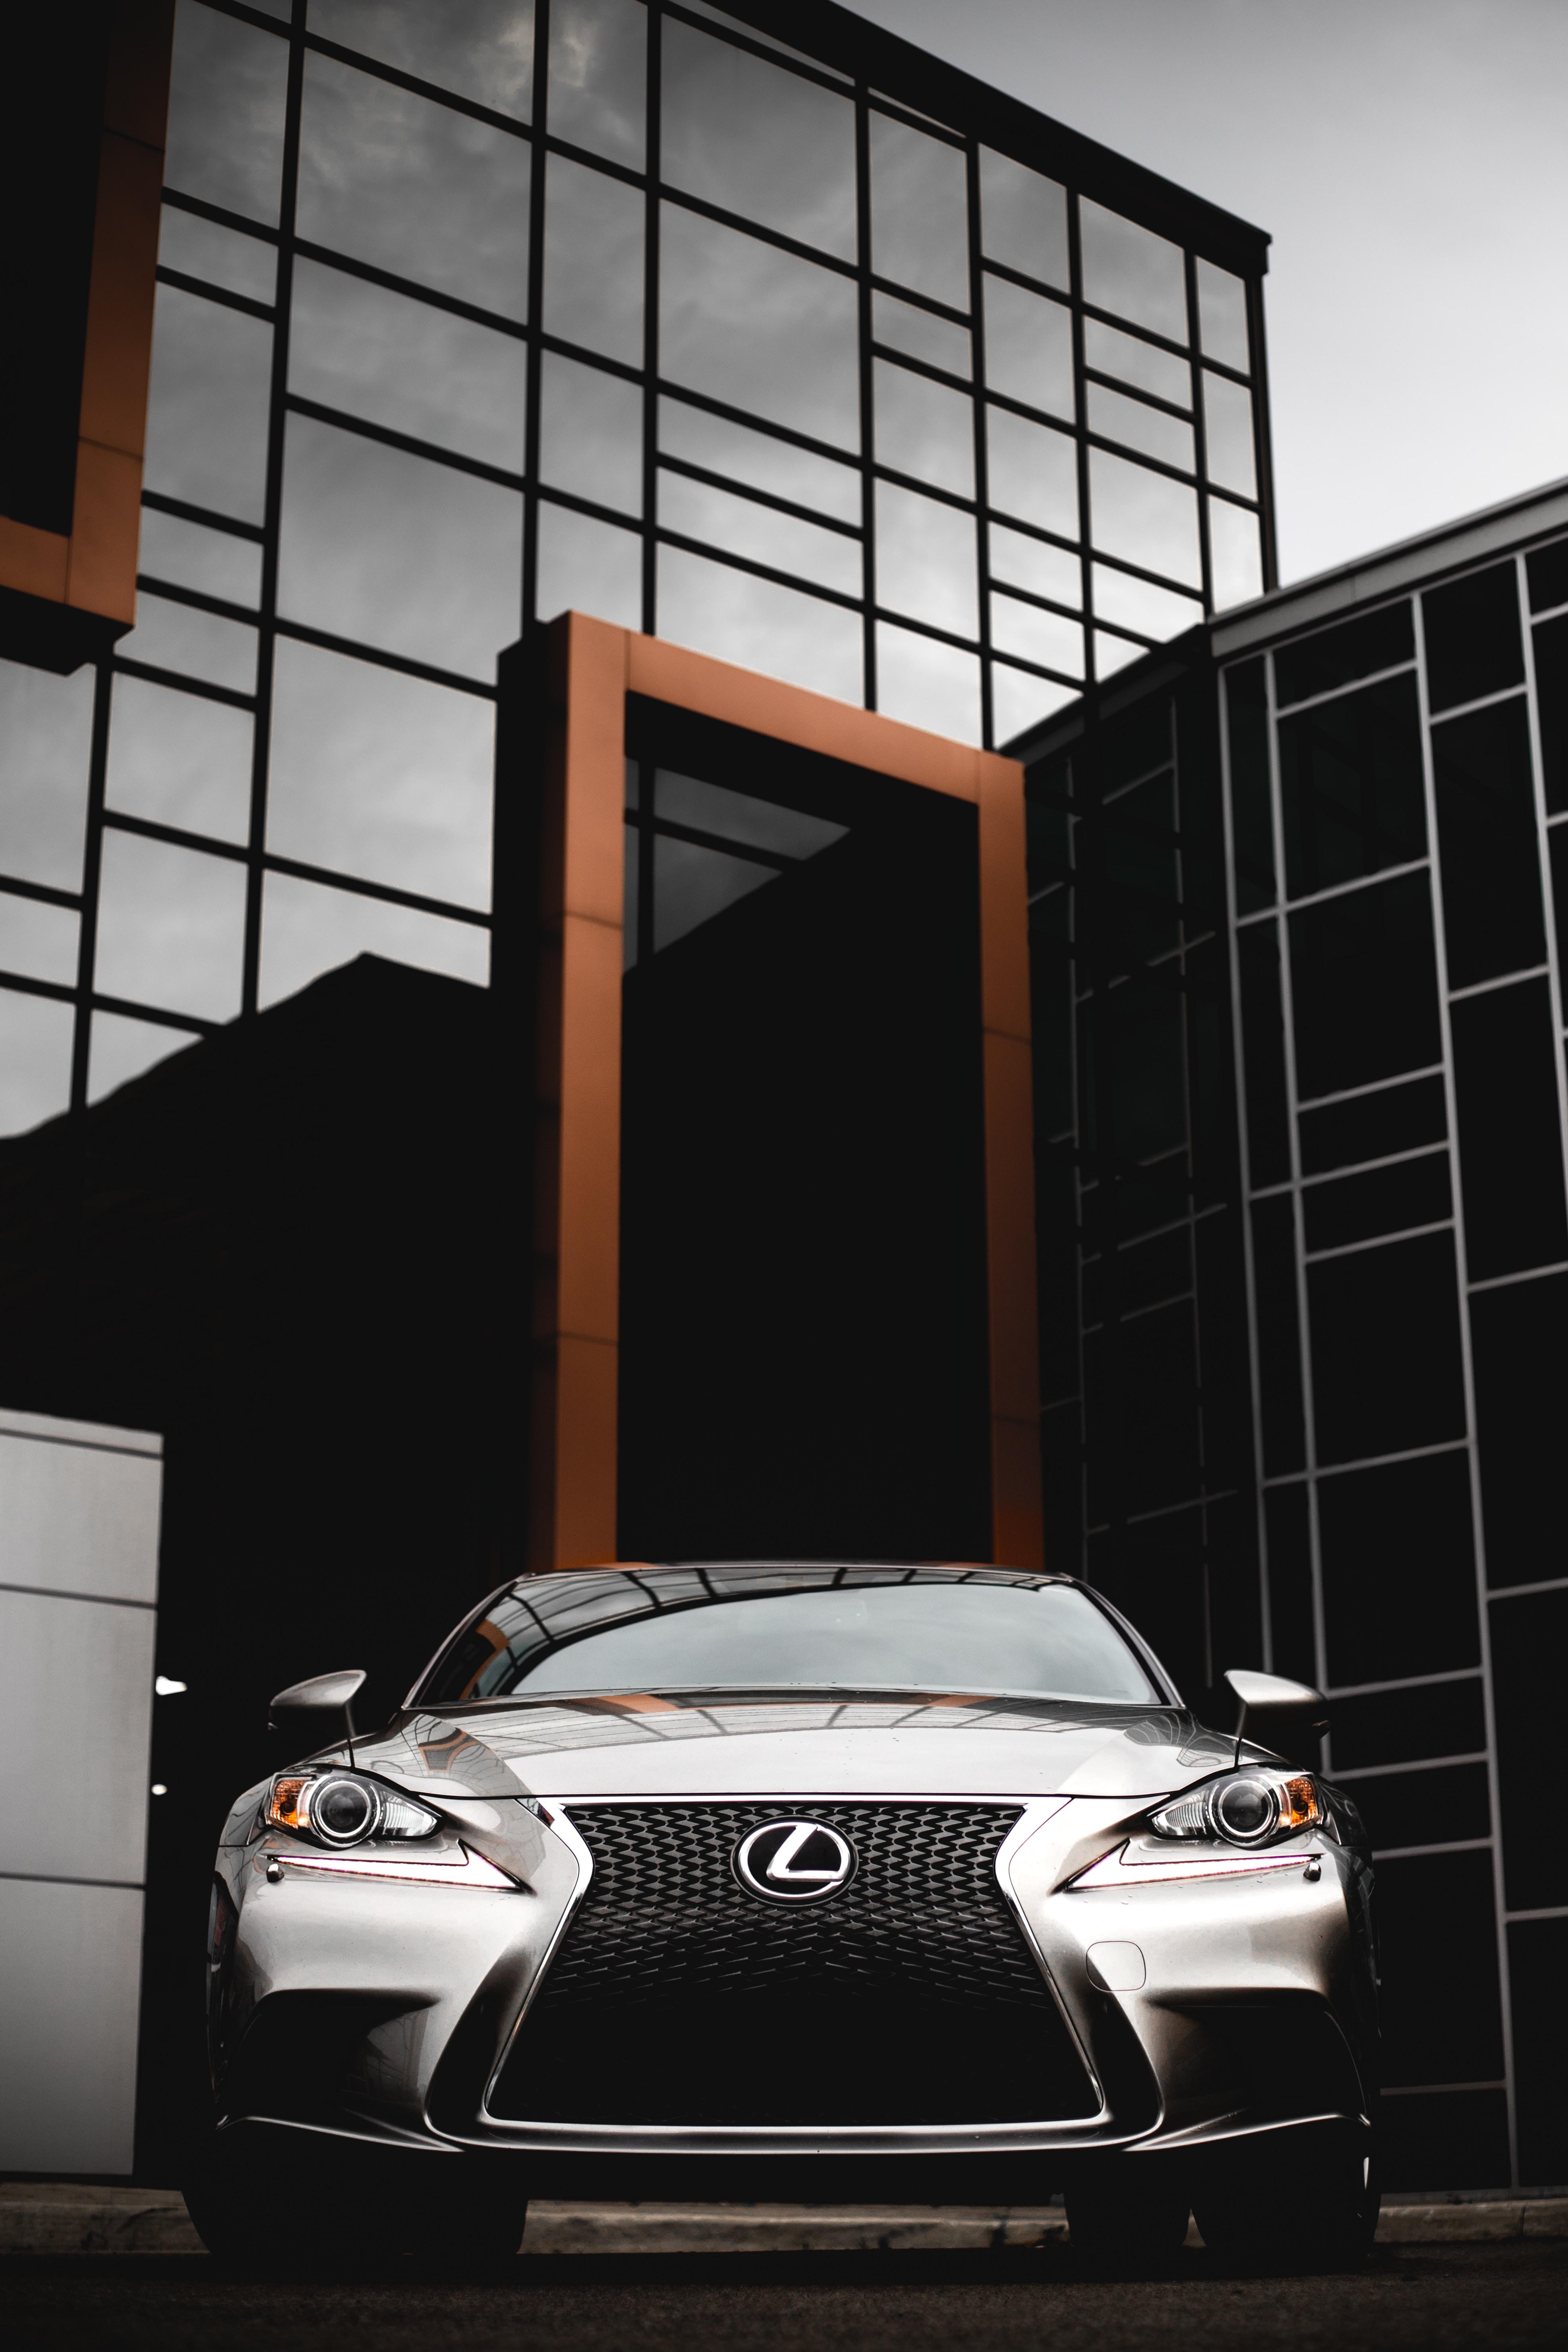 116745 Заставки и Обои Вид Спереди на телефон. Скачать Лексус (Lexus), Вид Спереди, Тачки (Cars), Машина, Серебристый, Lexus Rx картинки бесплатно